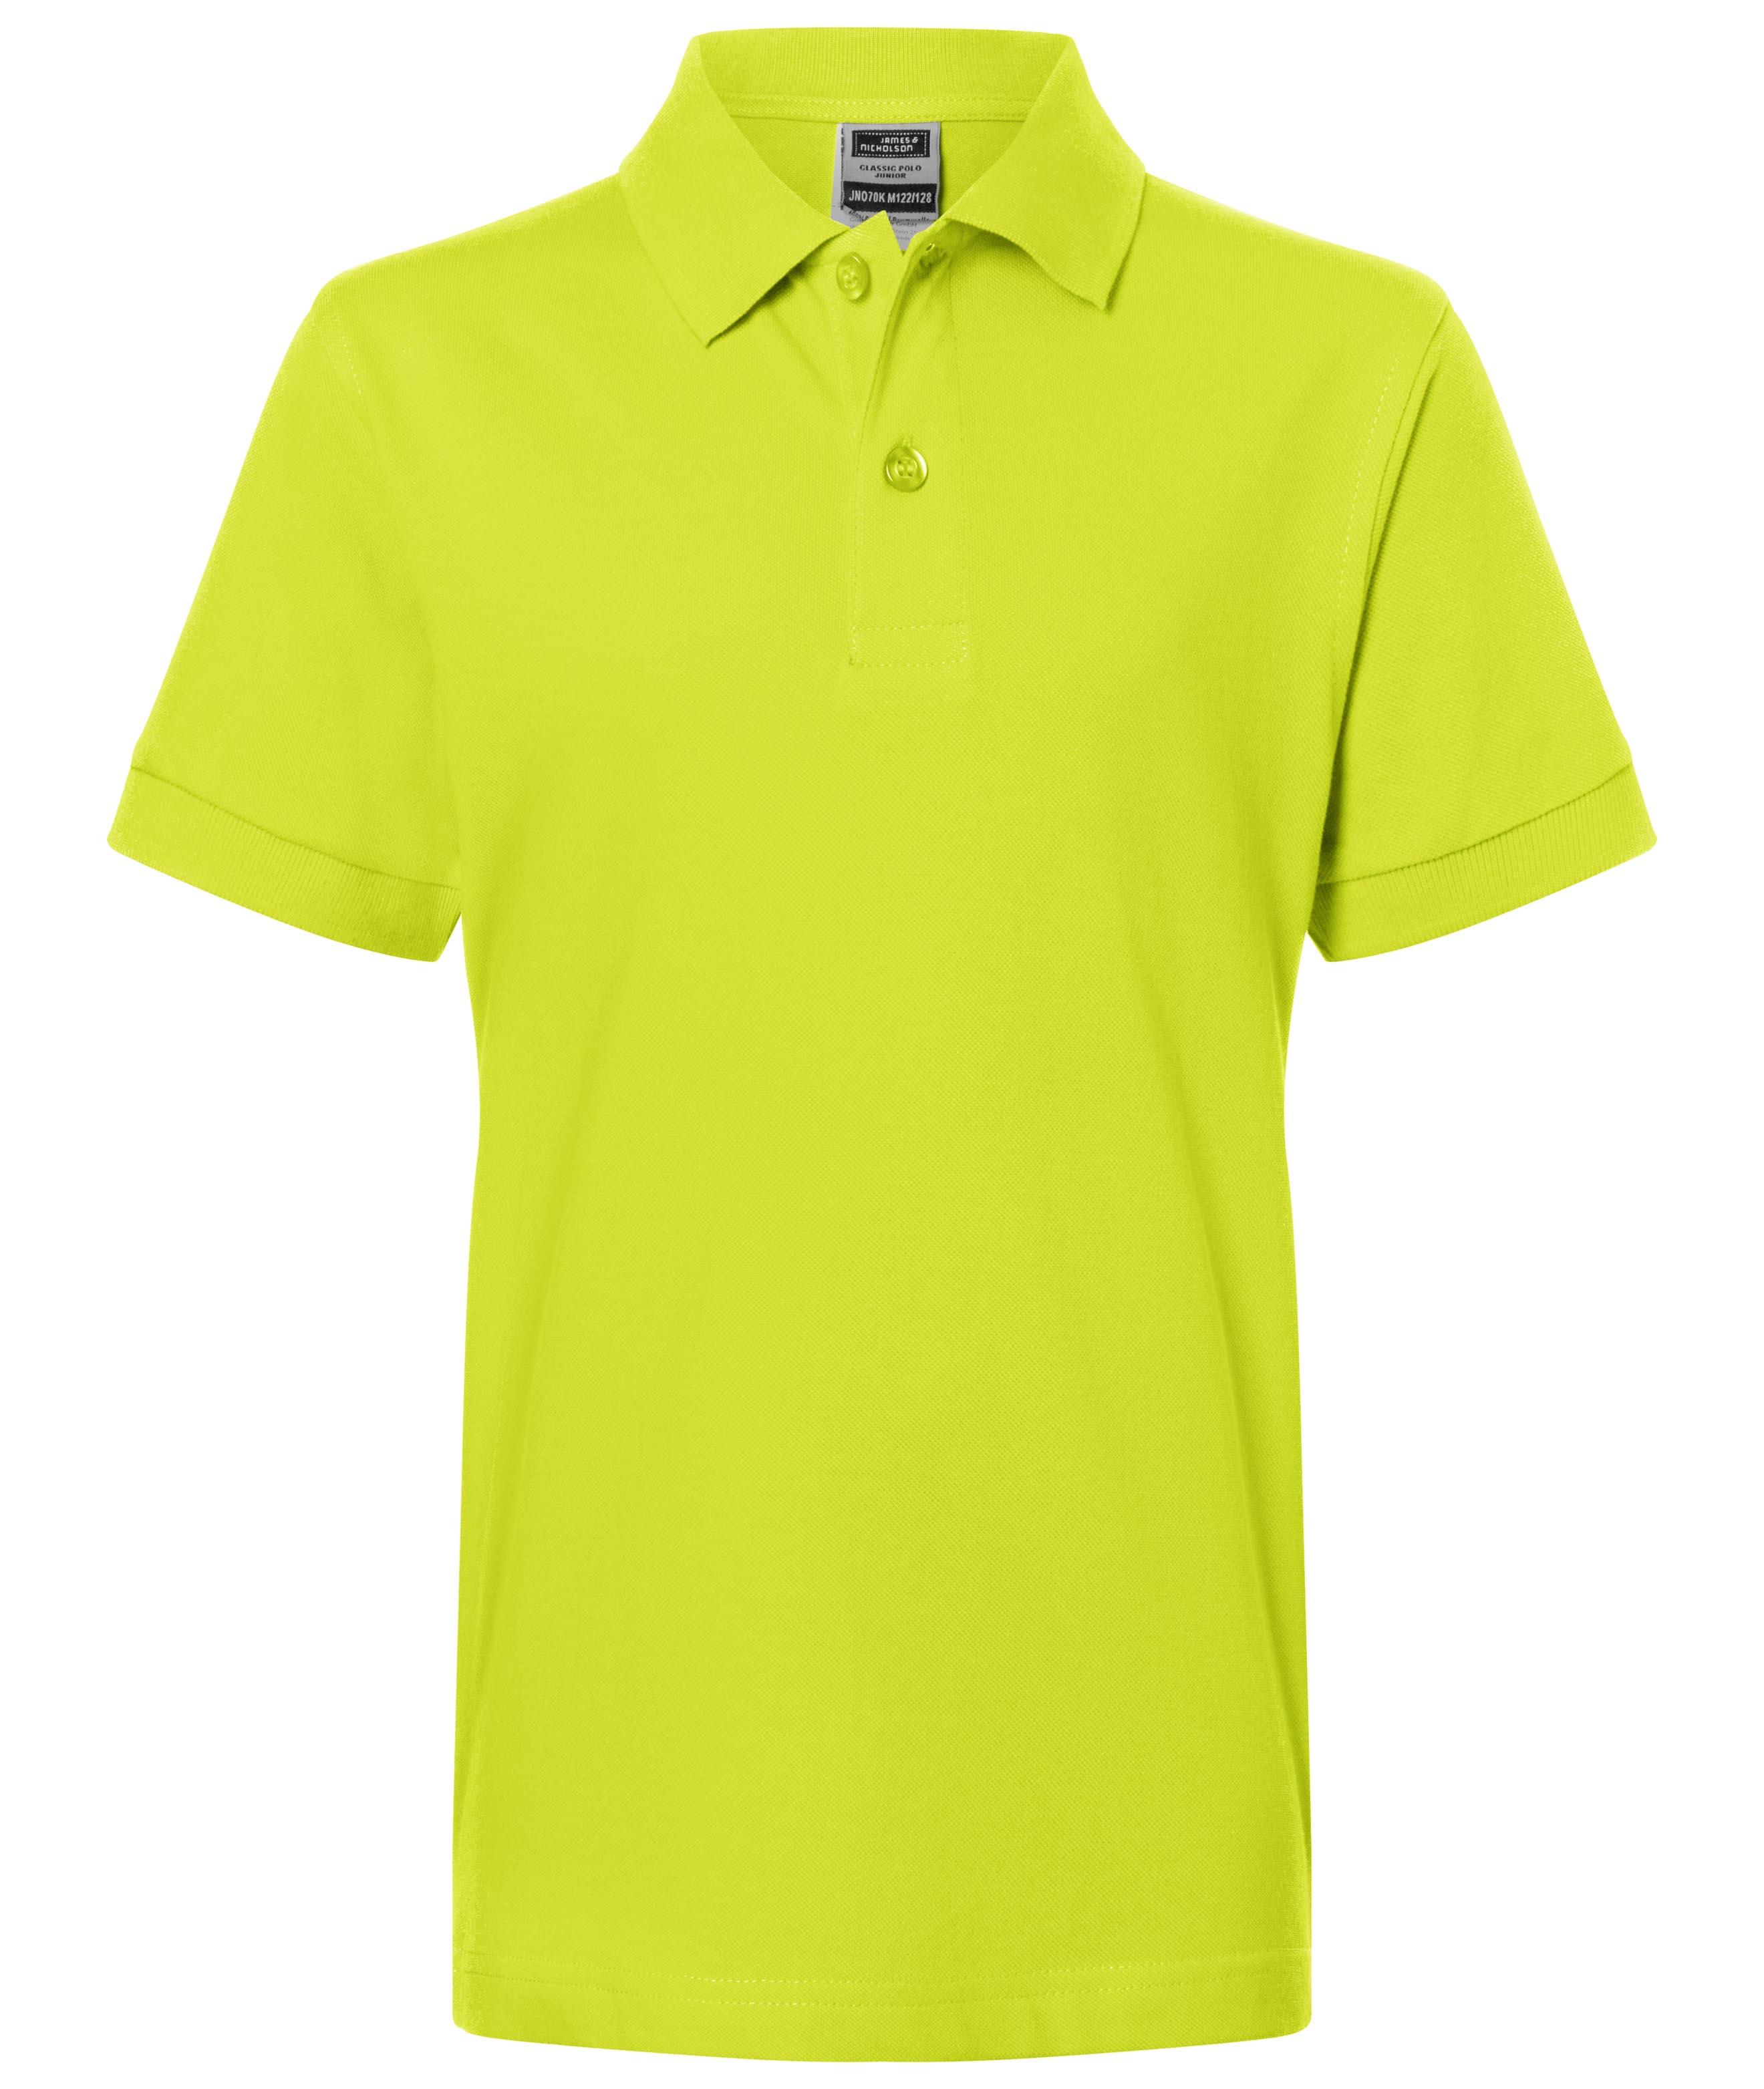 Hochwertiges Polohemd mit Armbündchen